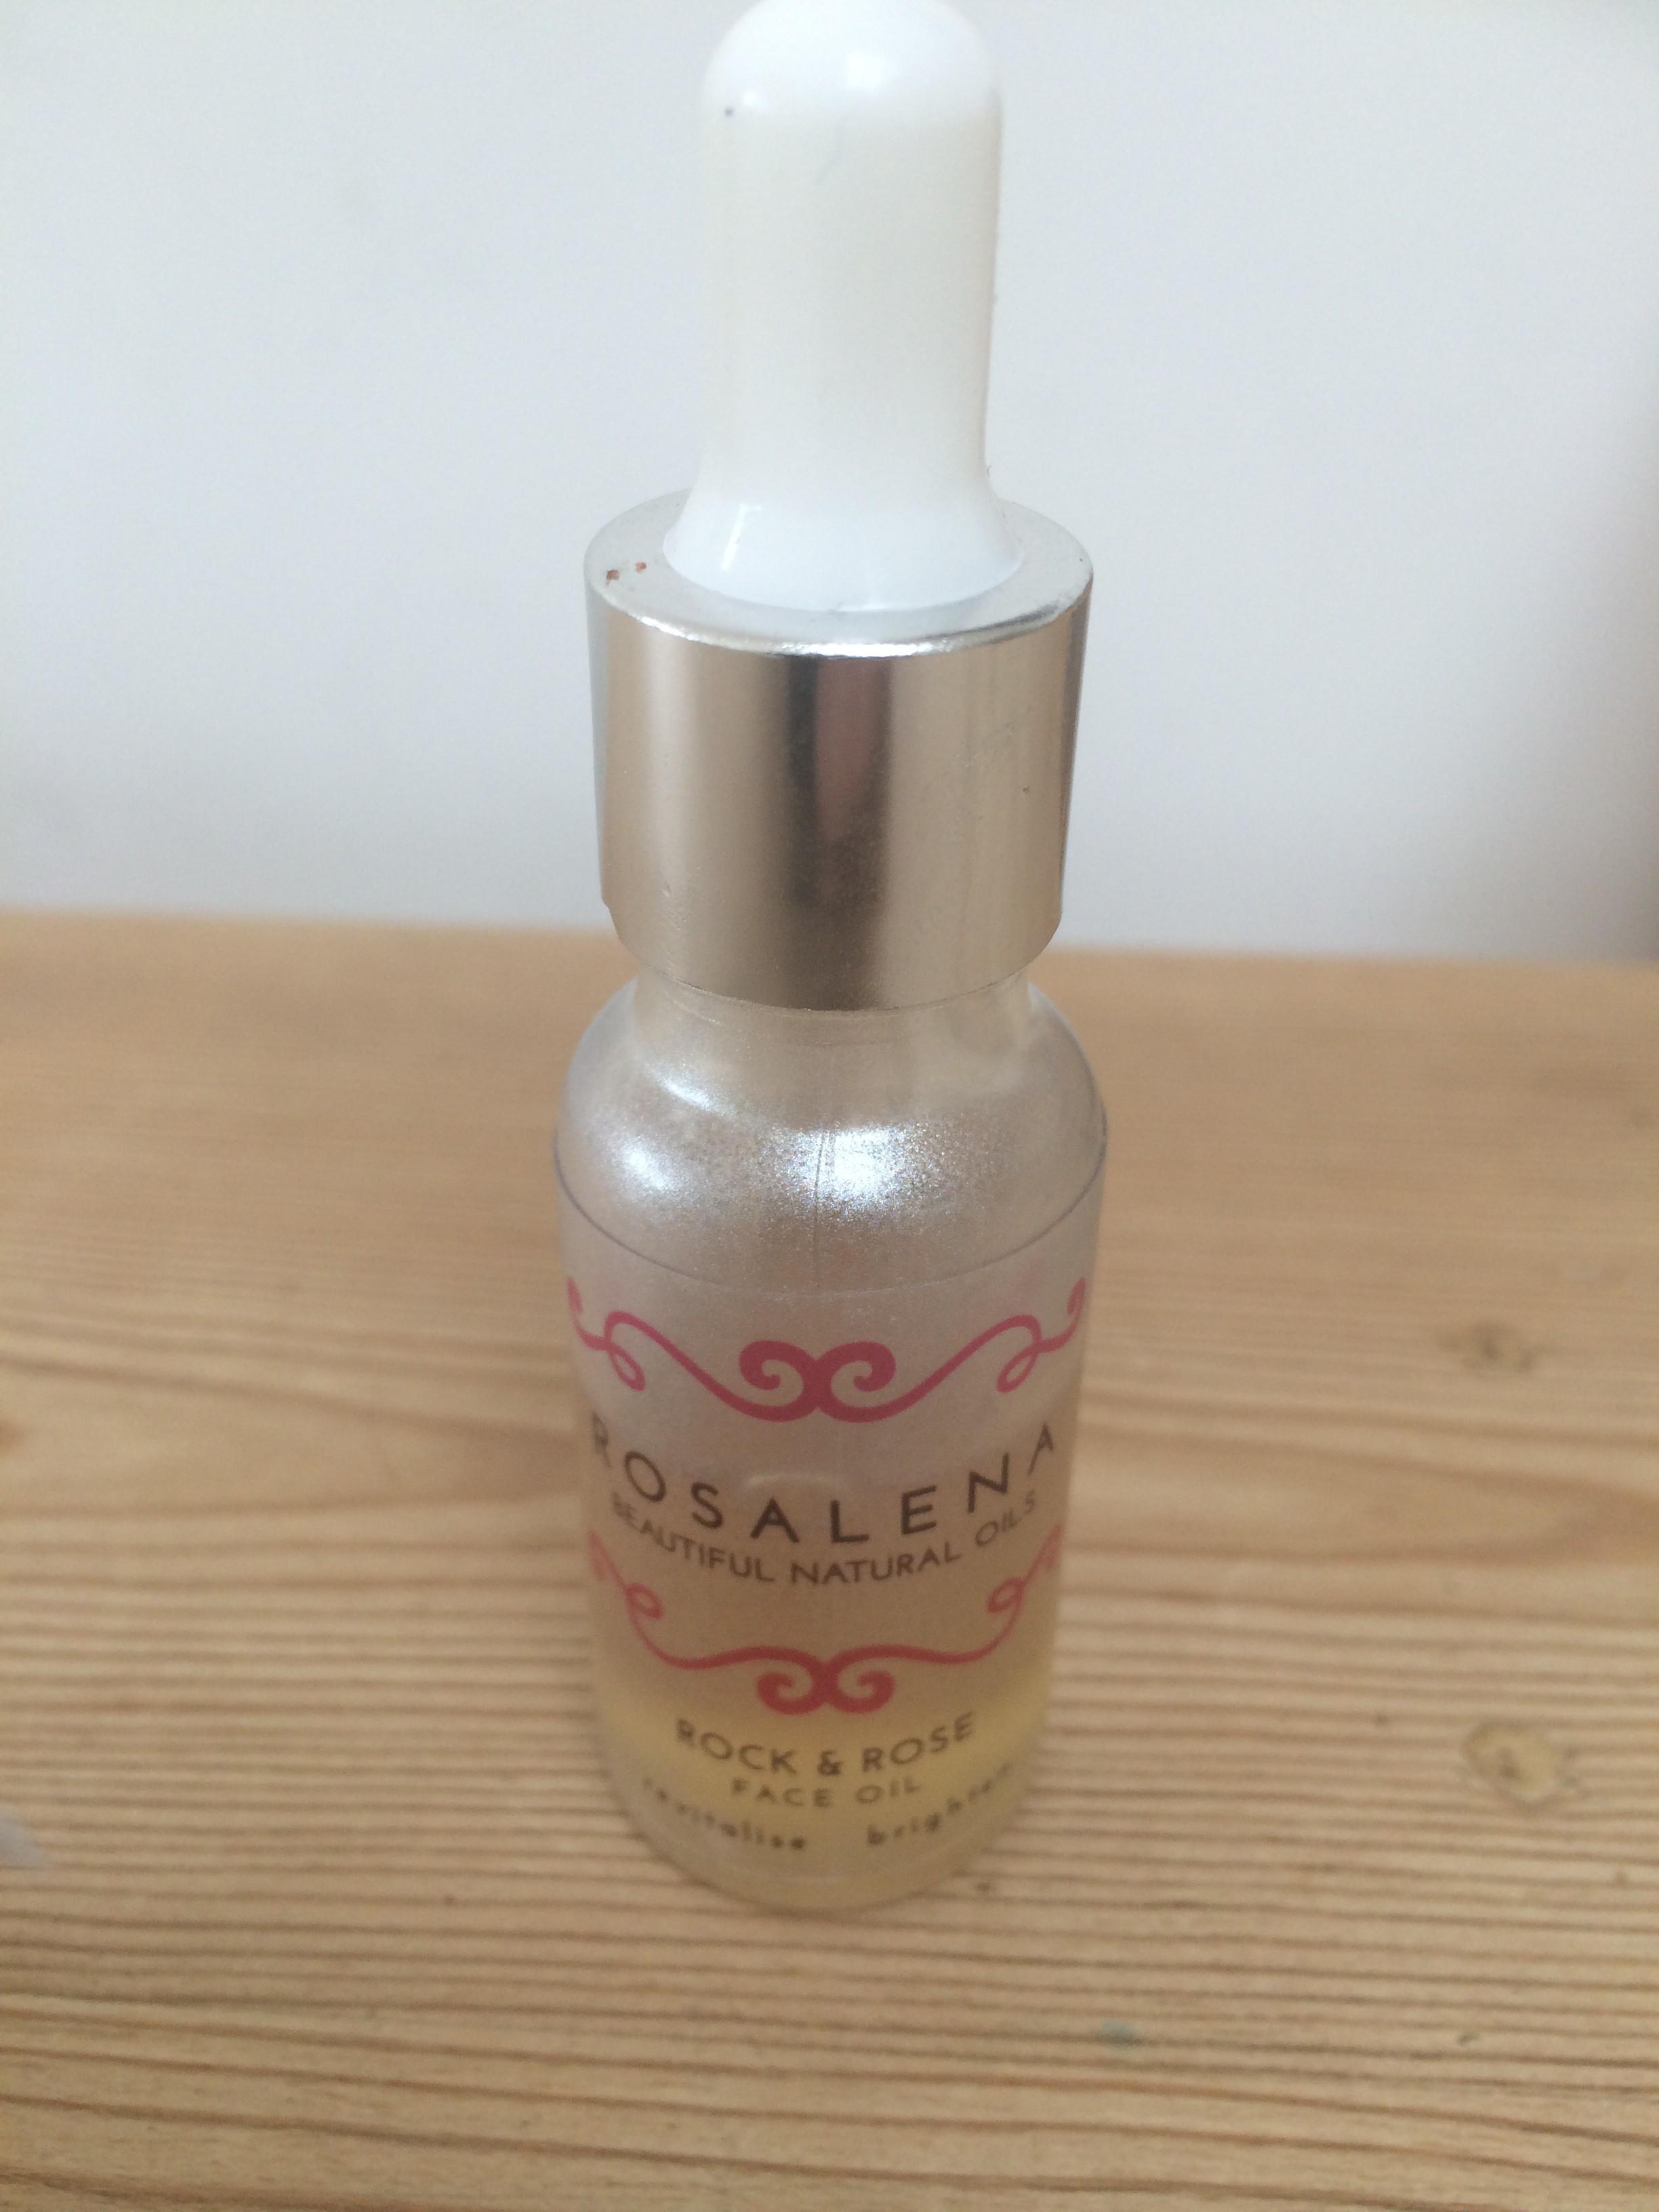 facial oil, rosalena facial oil,